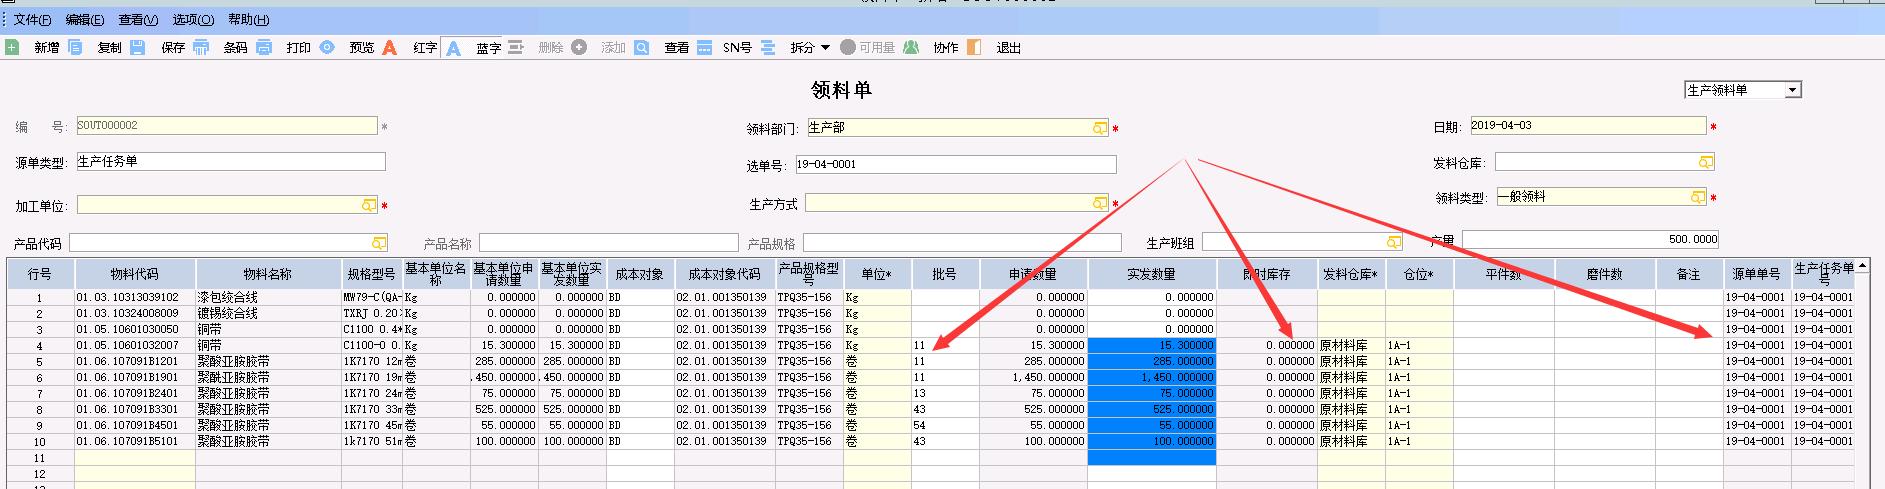 K3WSE 15.0生产领料单选择投料单返回,即时库存不显示